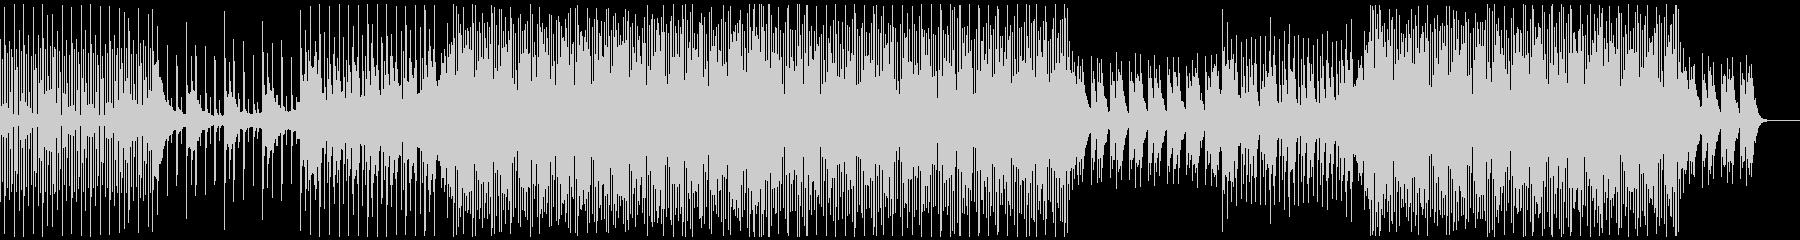 ハウスミュージック1(No Vocal)の未再生の波形